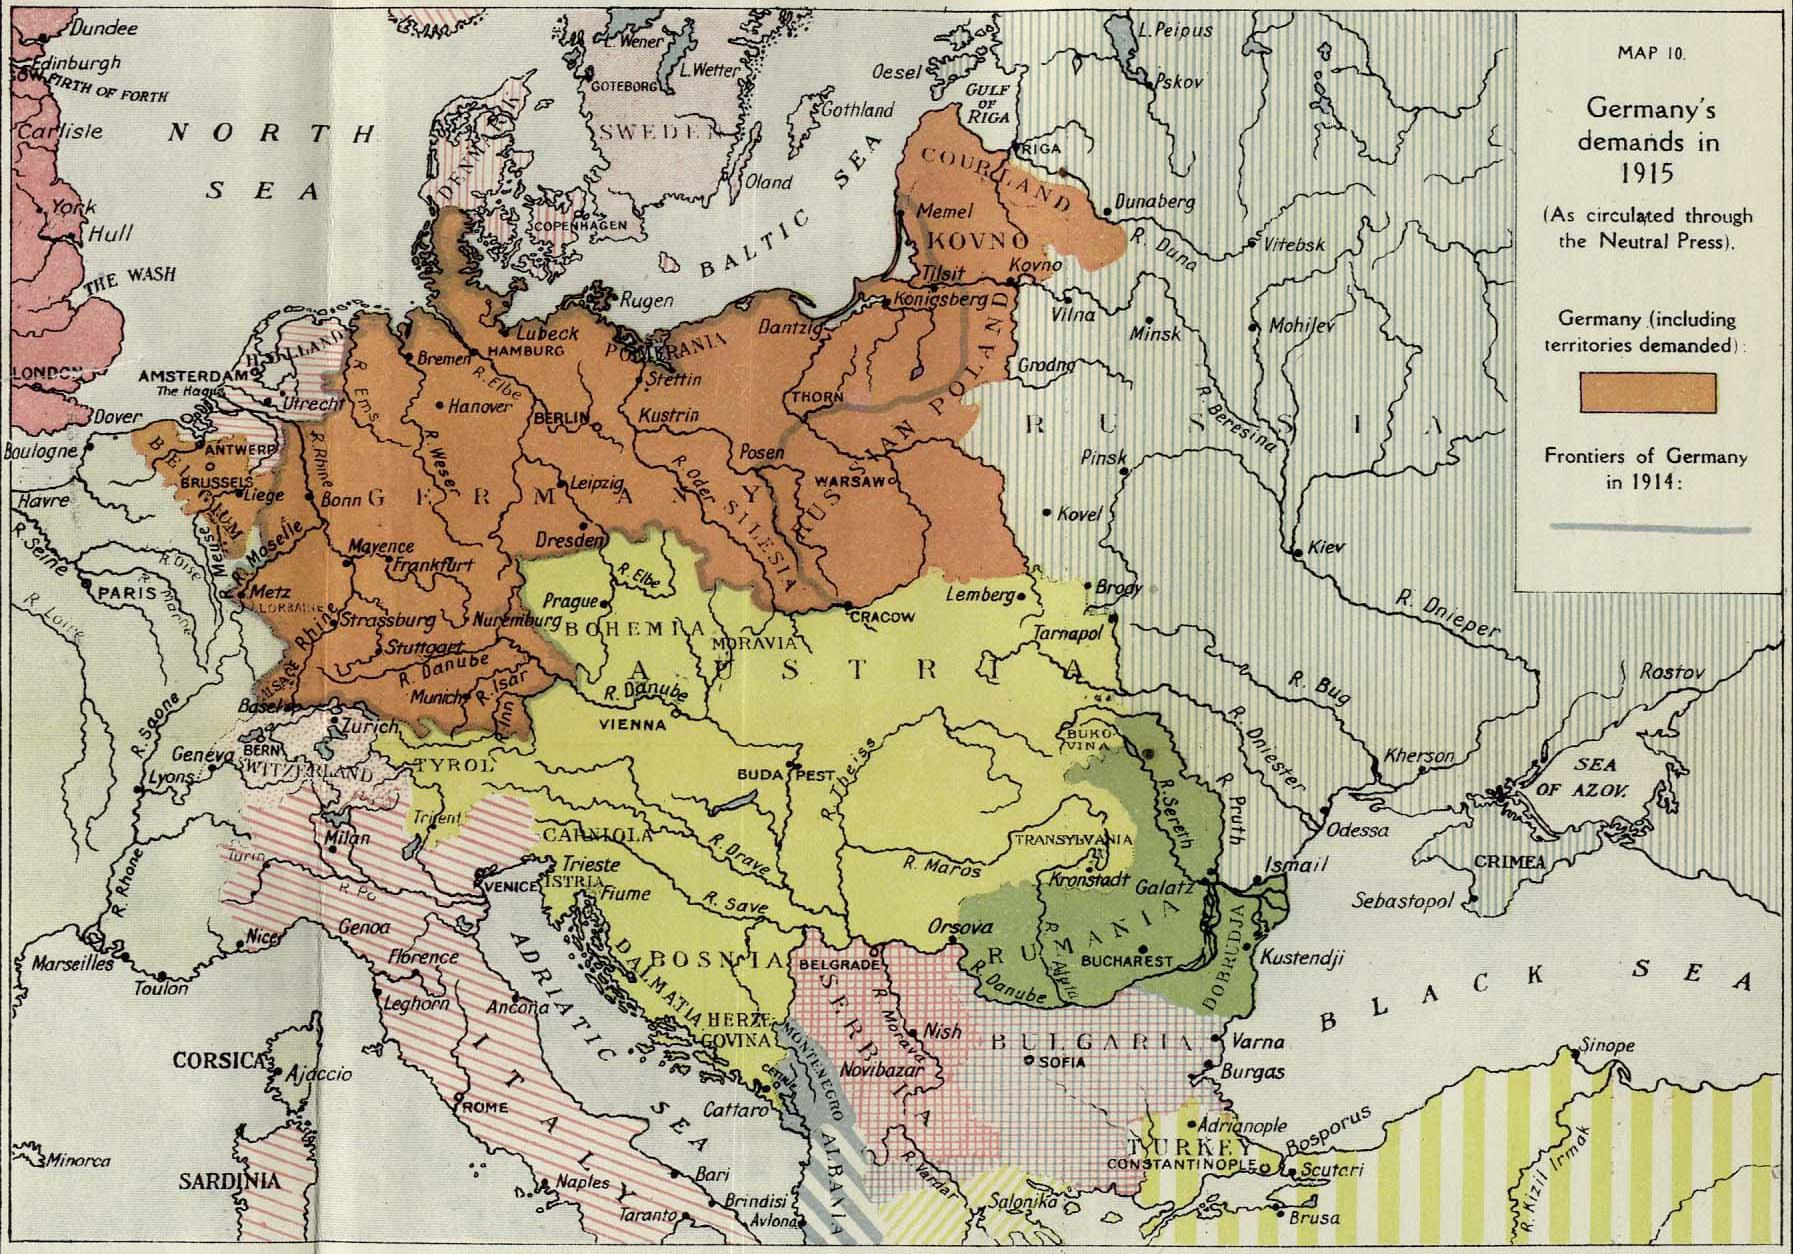 Germany's territorial demands in 1915